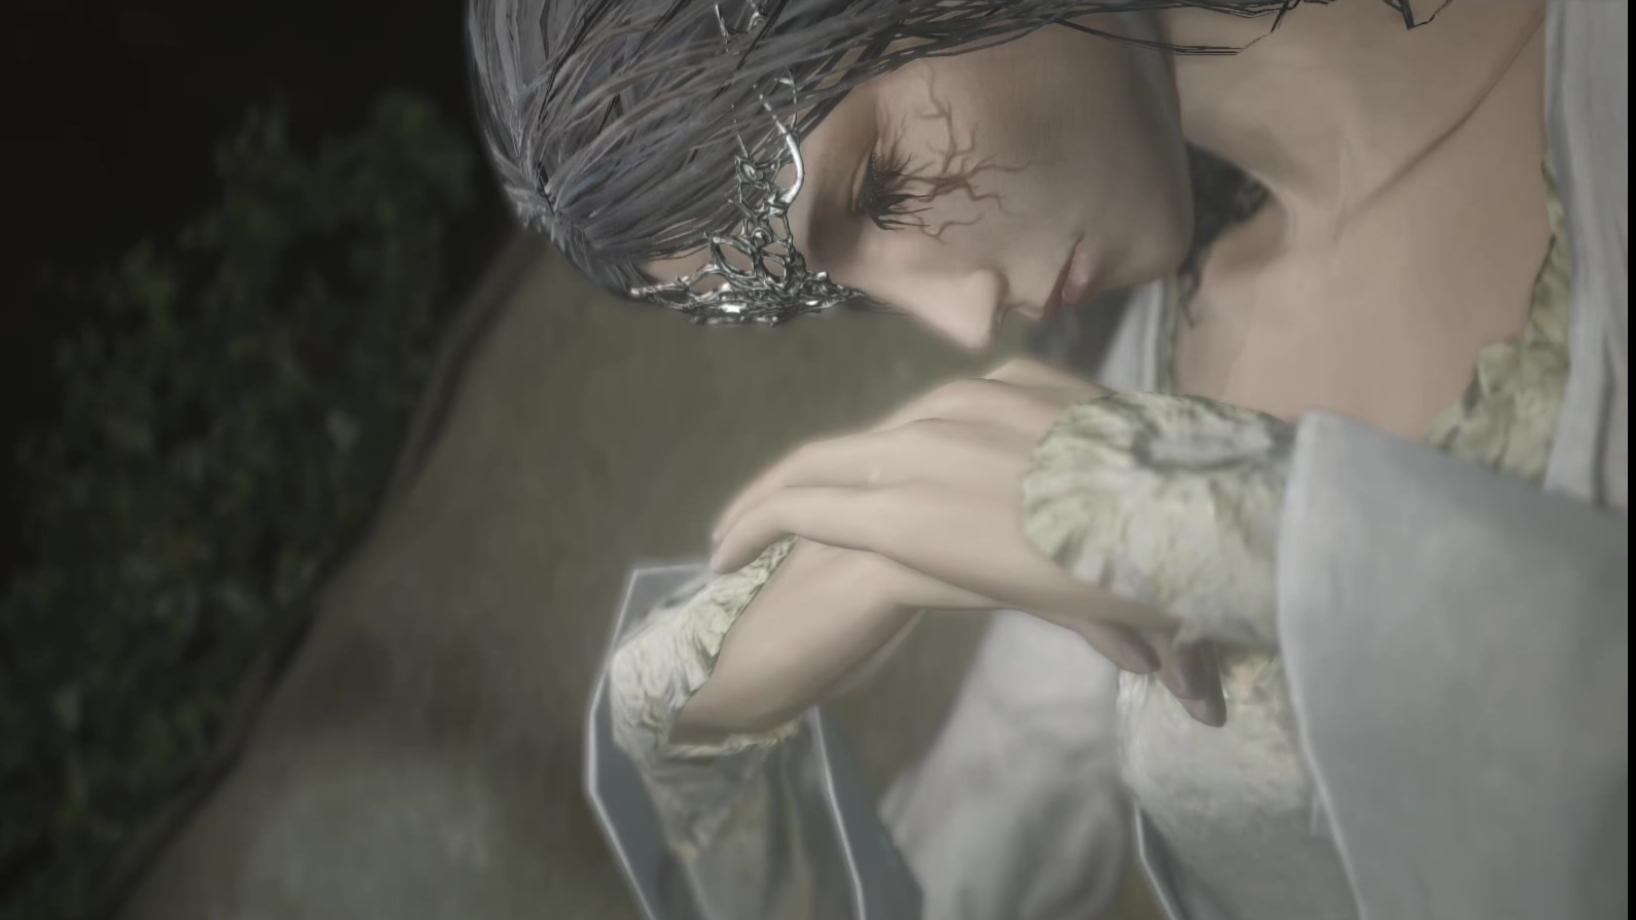 黑魂3费莲诺尔  葛温大王的基因好啊,长女是大宝箱 次女气质脱俗,可恨的灰烬手欠。